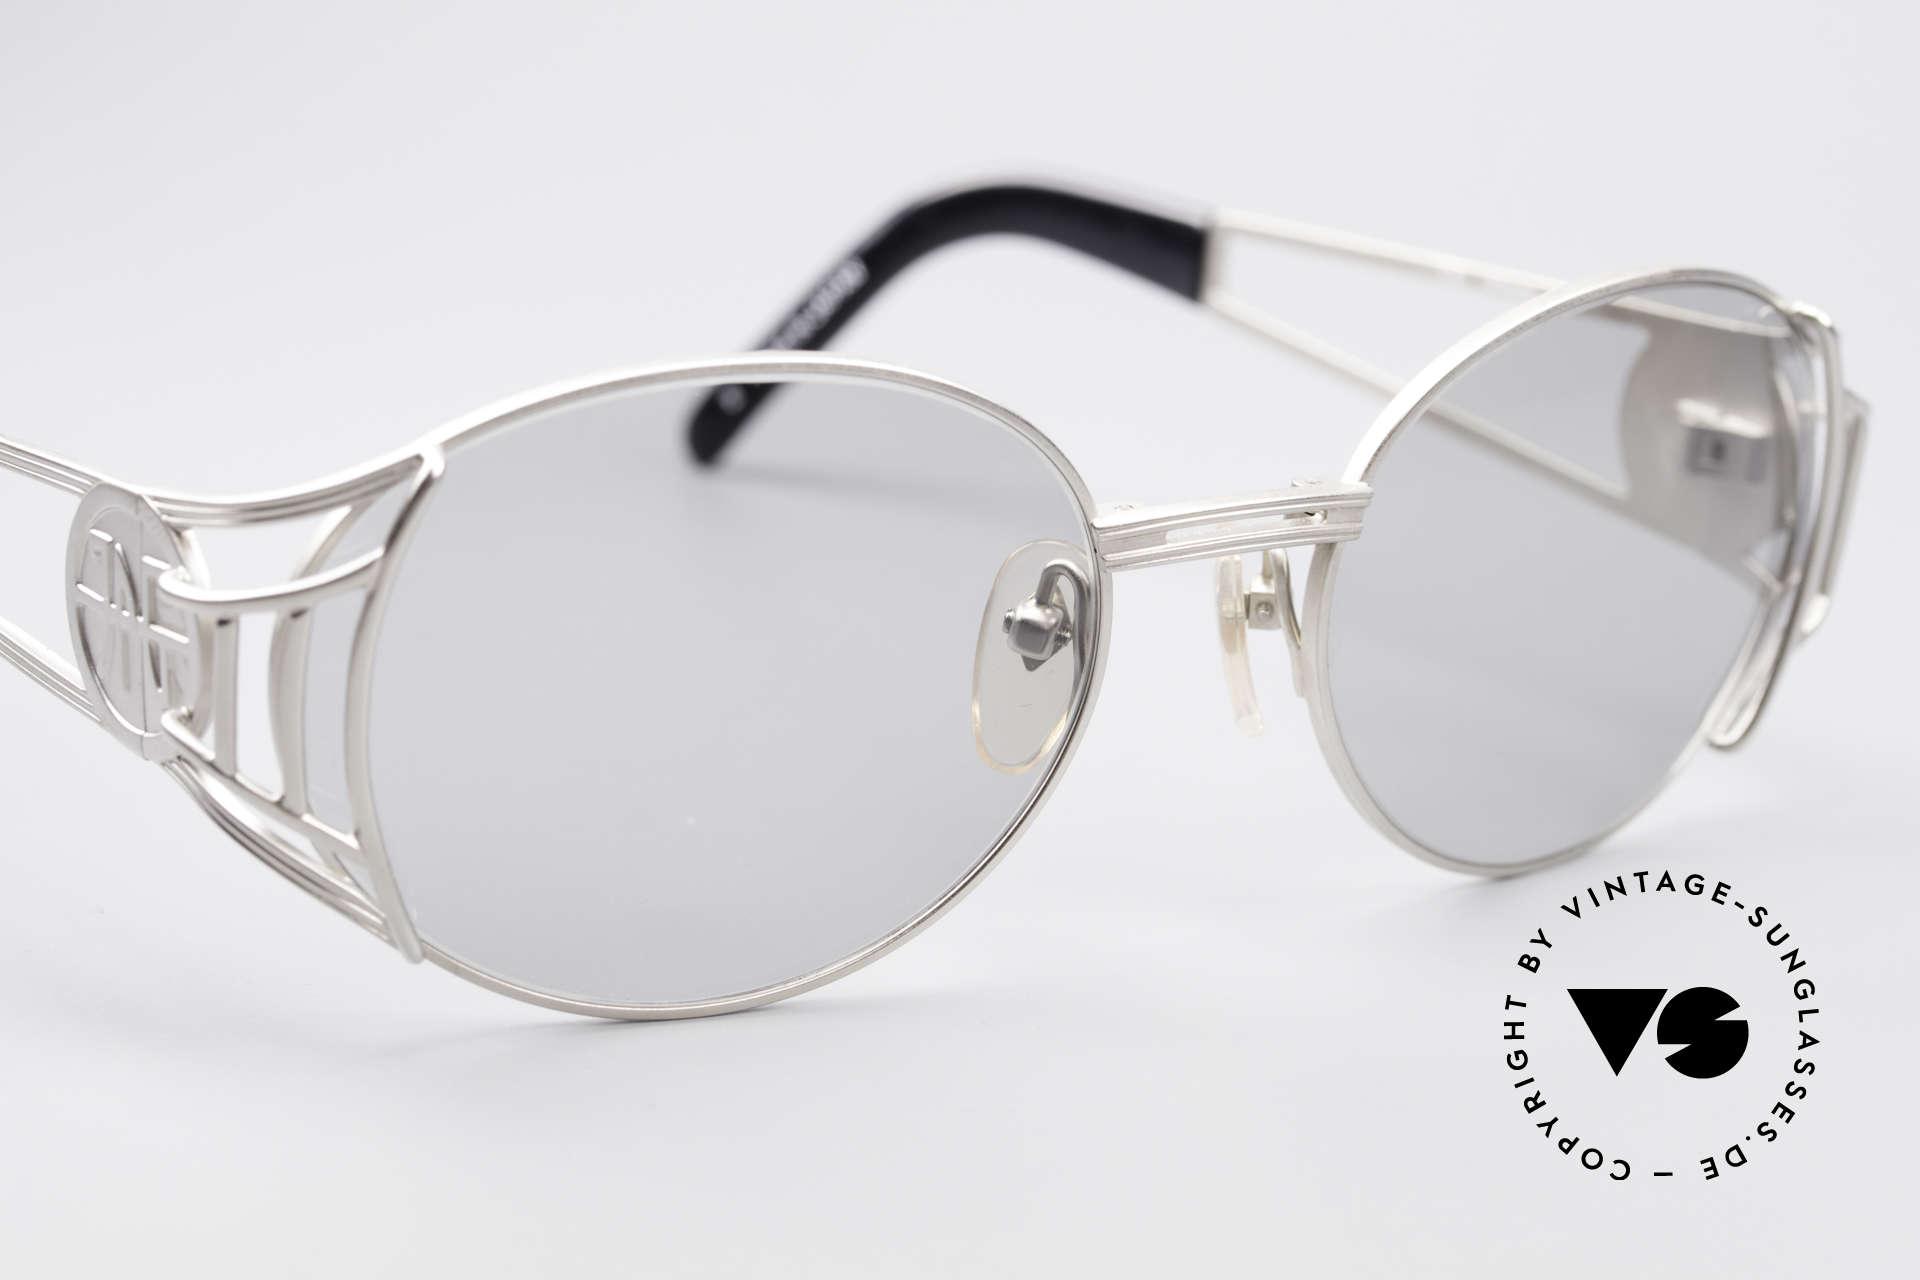 Jean Paul Gaultier 58-6102 Steampunk Vintage Brille, KEINE RETROBRILLE; ein 20 Jahre altes ORIGINAL, Passend für Herren und Damen